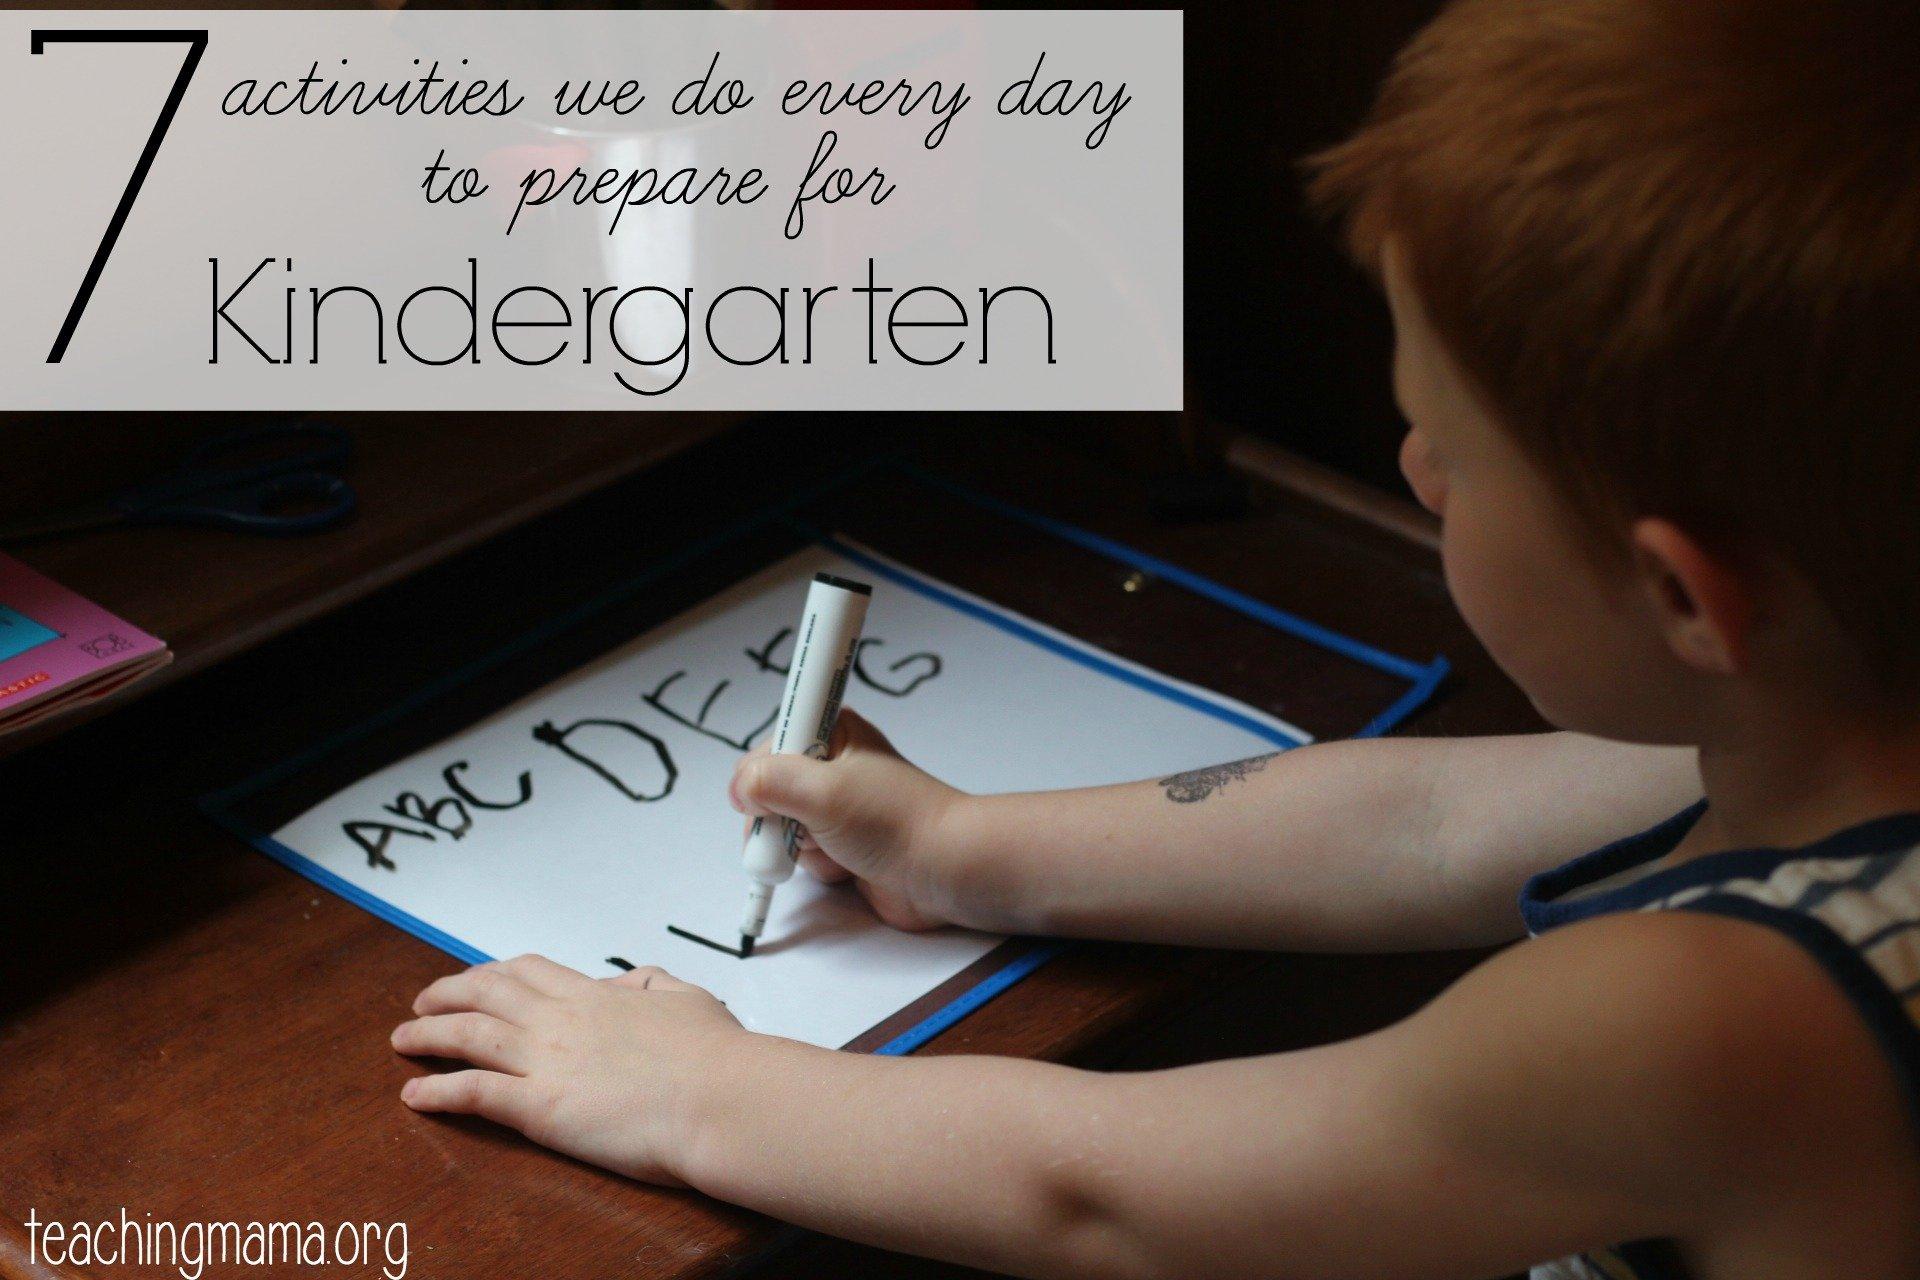 7 Activities We Do to Prepare for Kindergarten